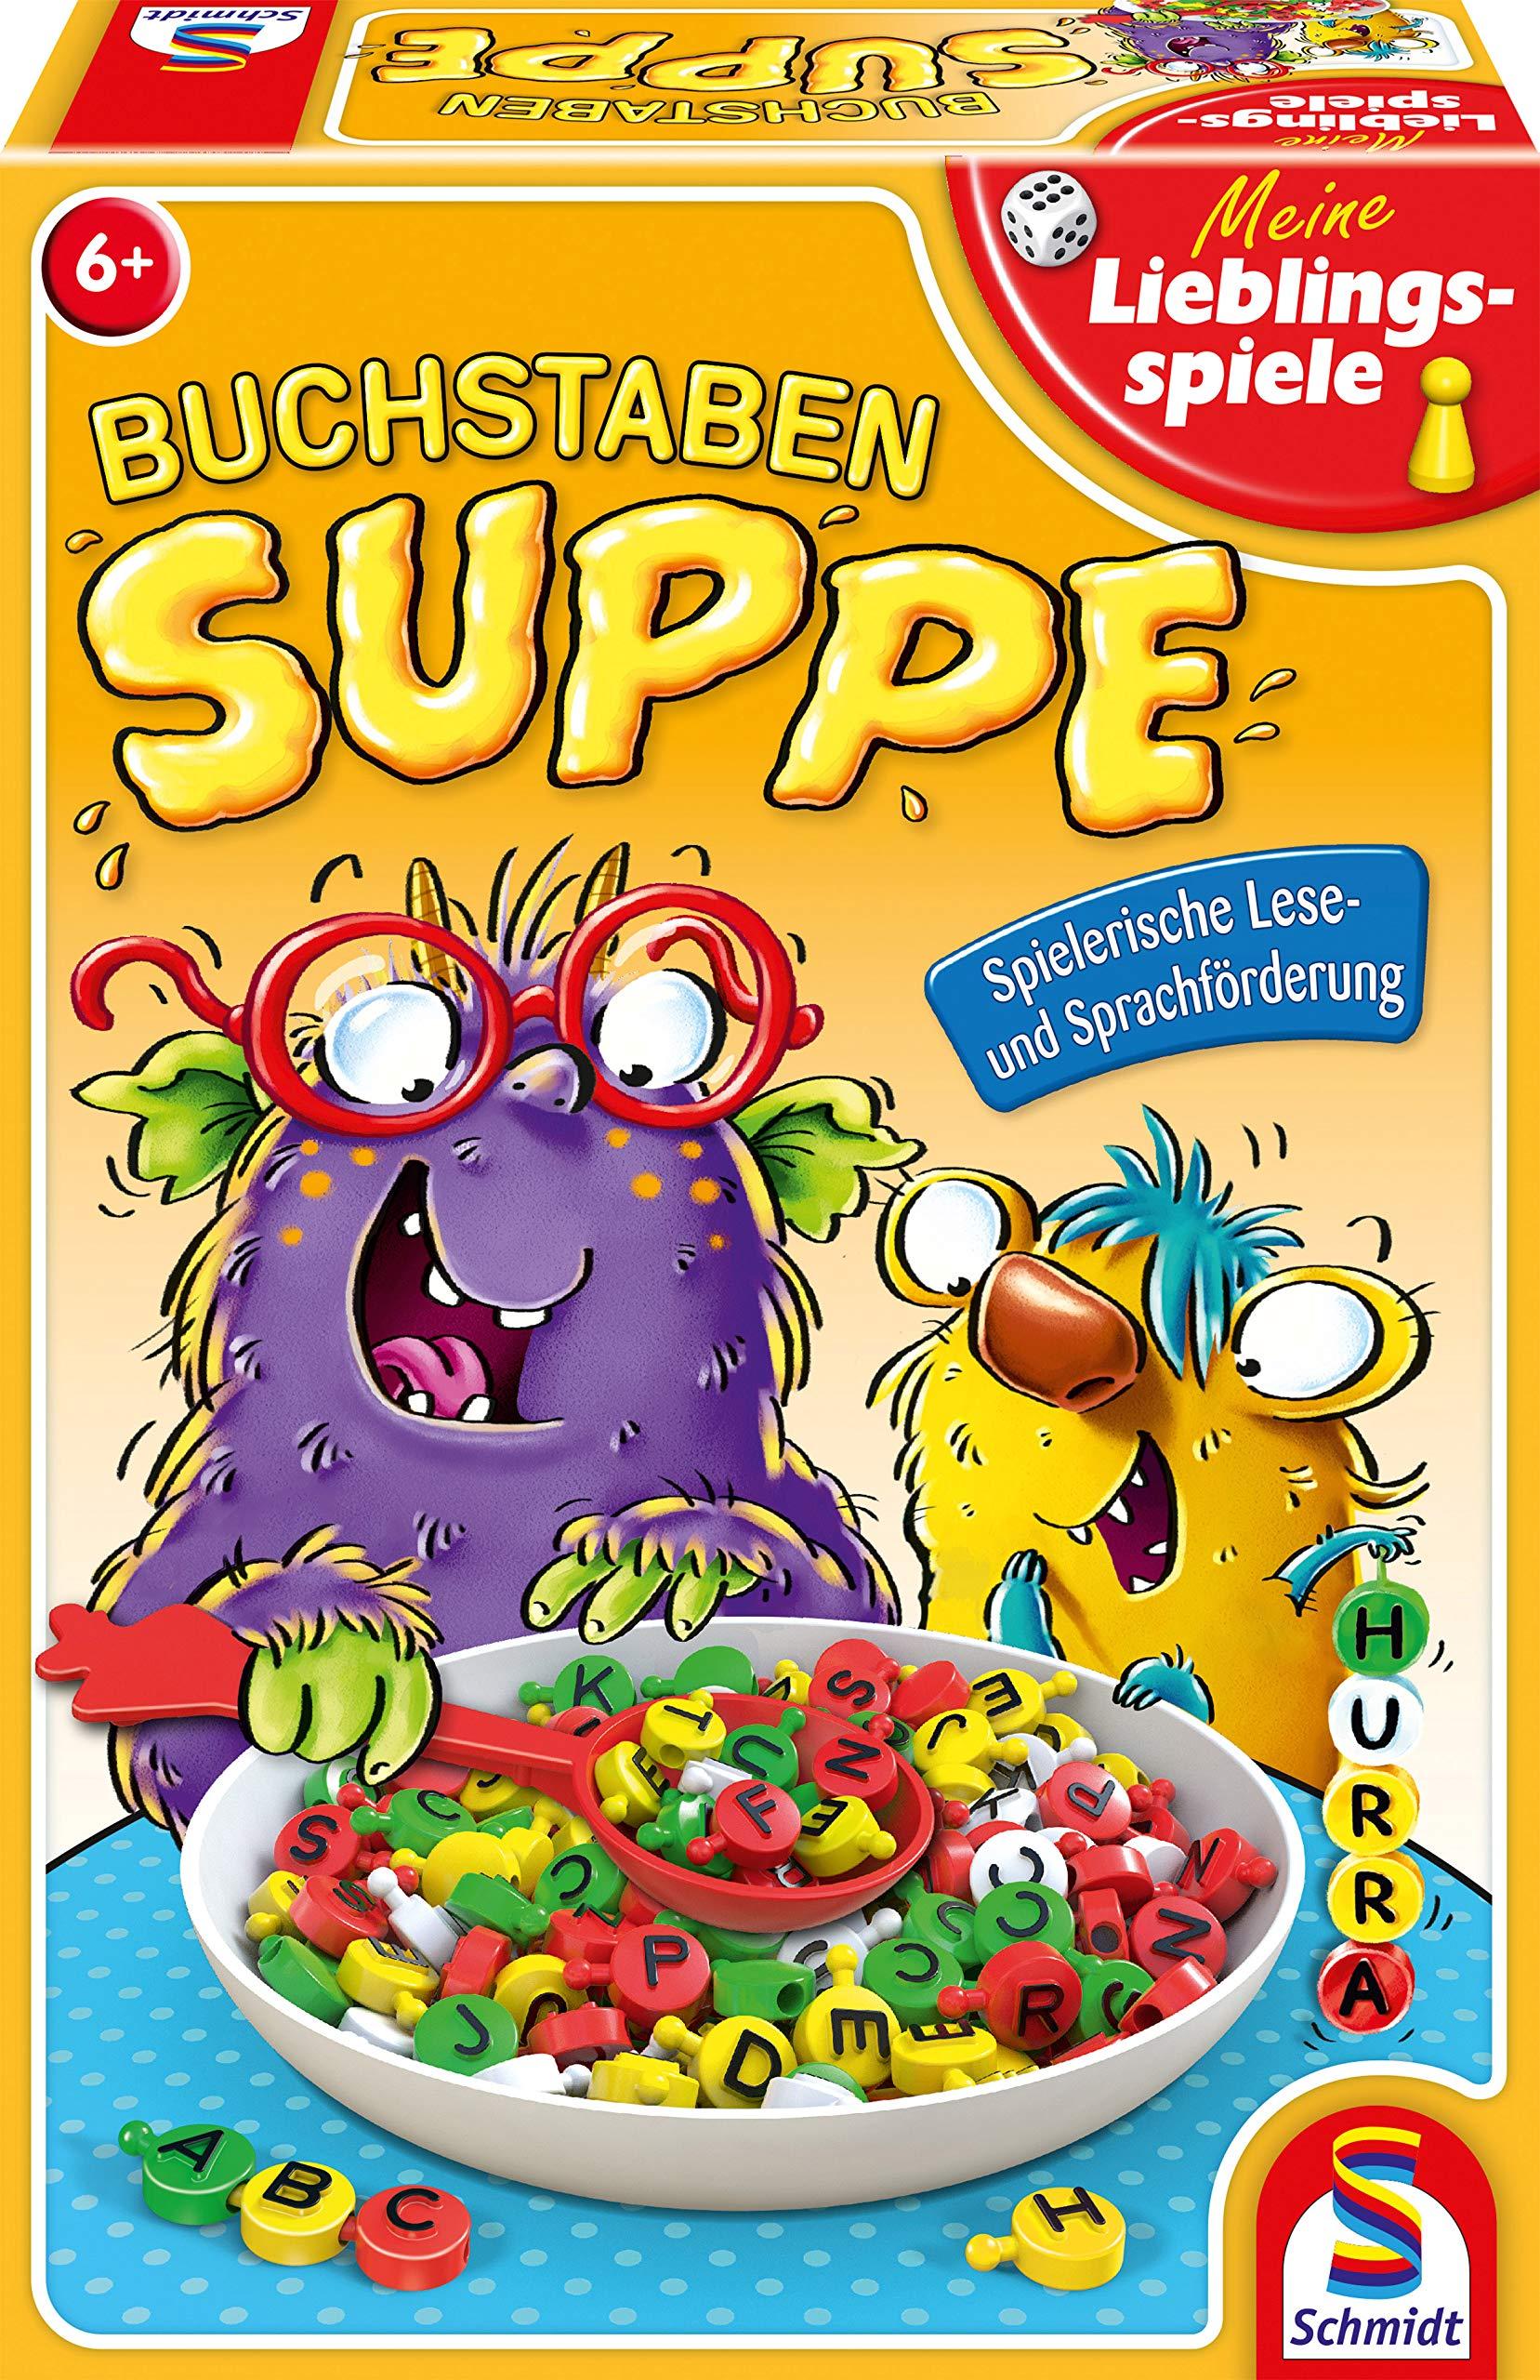 Schmidt-Spiele-40533-Buchstabensuppe-Kinderspiel-bunt Schmidt Spiele 40533 Buchstabensuppe, Kinderspiel, bunt -